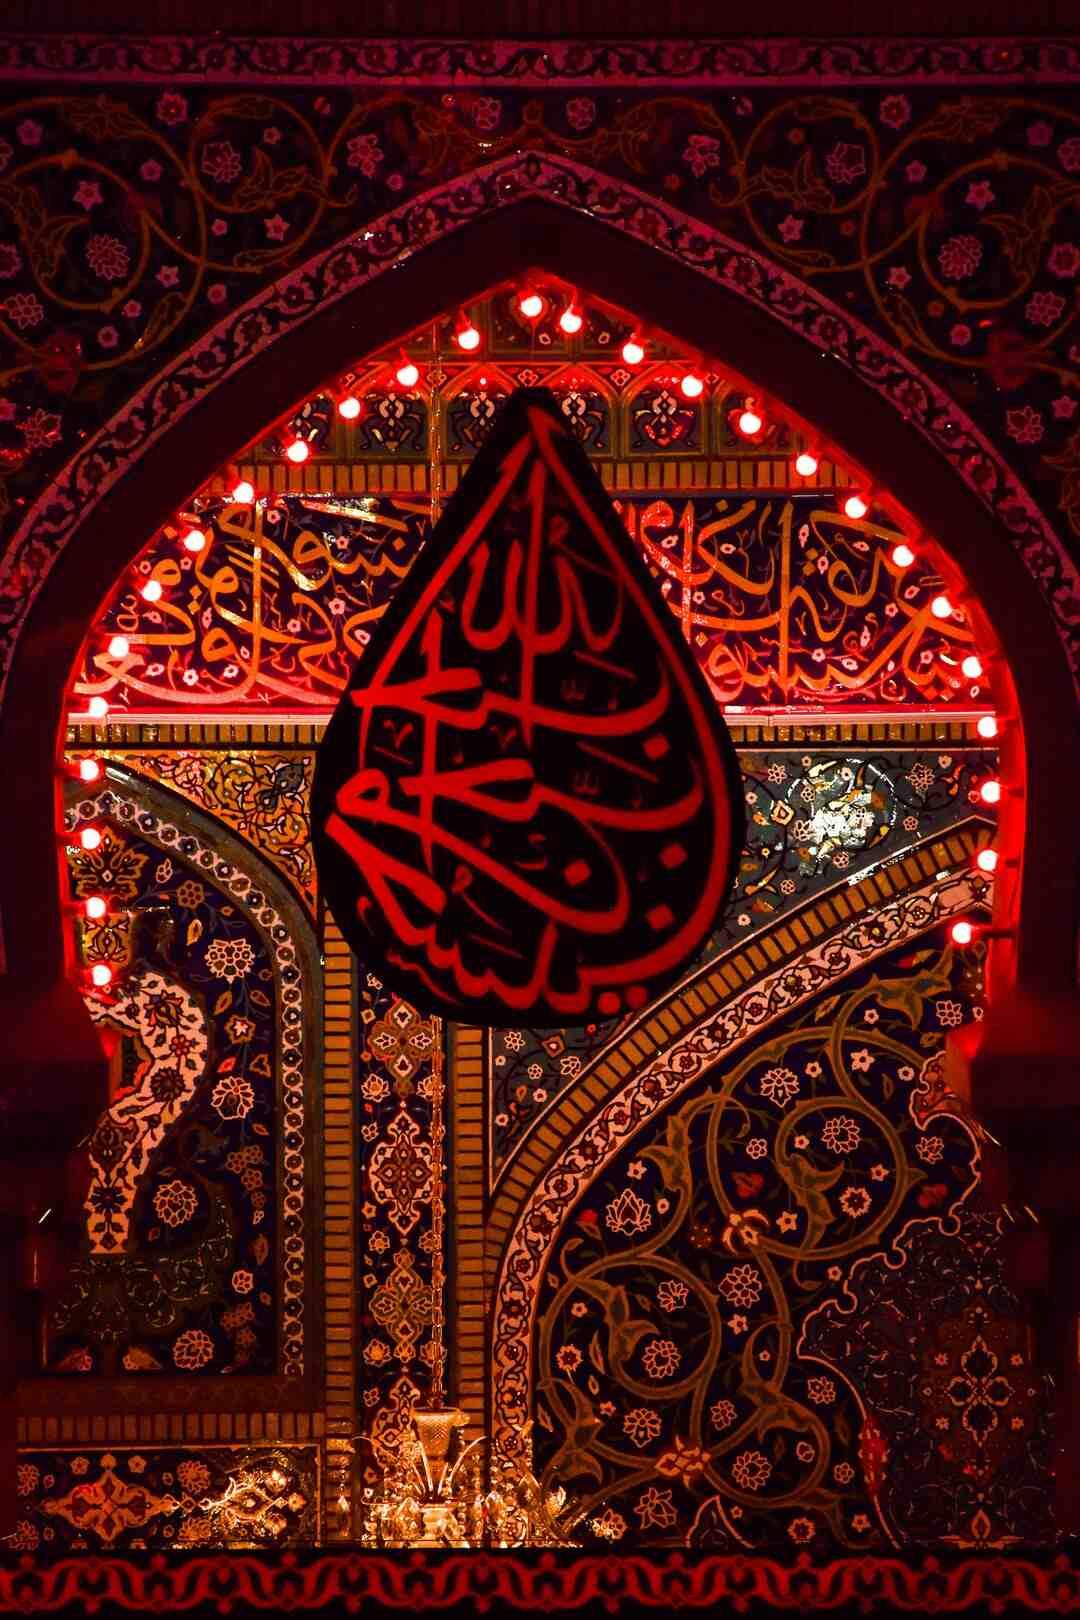 Comment savoir si on est prêt à se marier islam ?